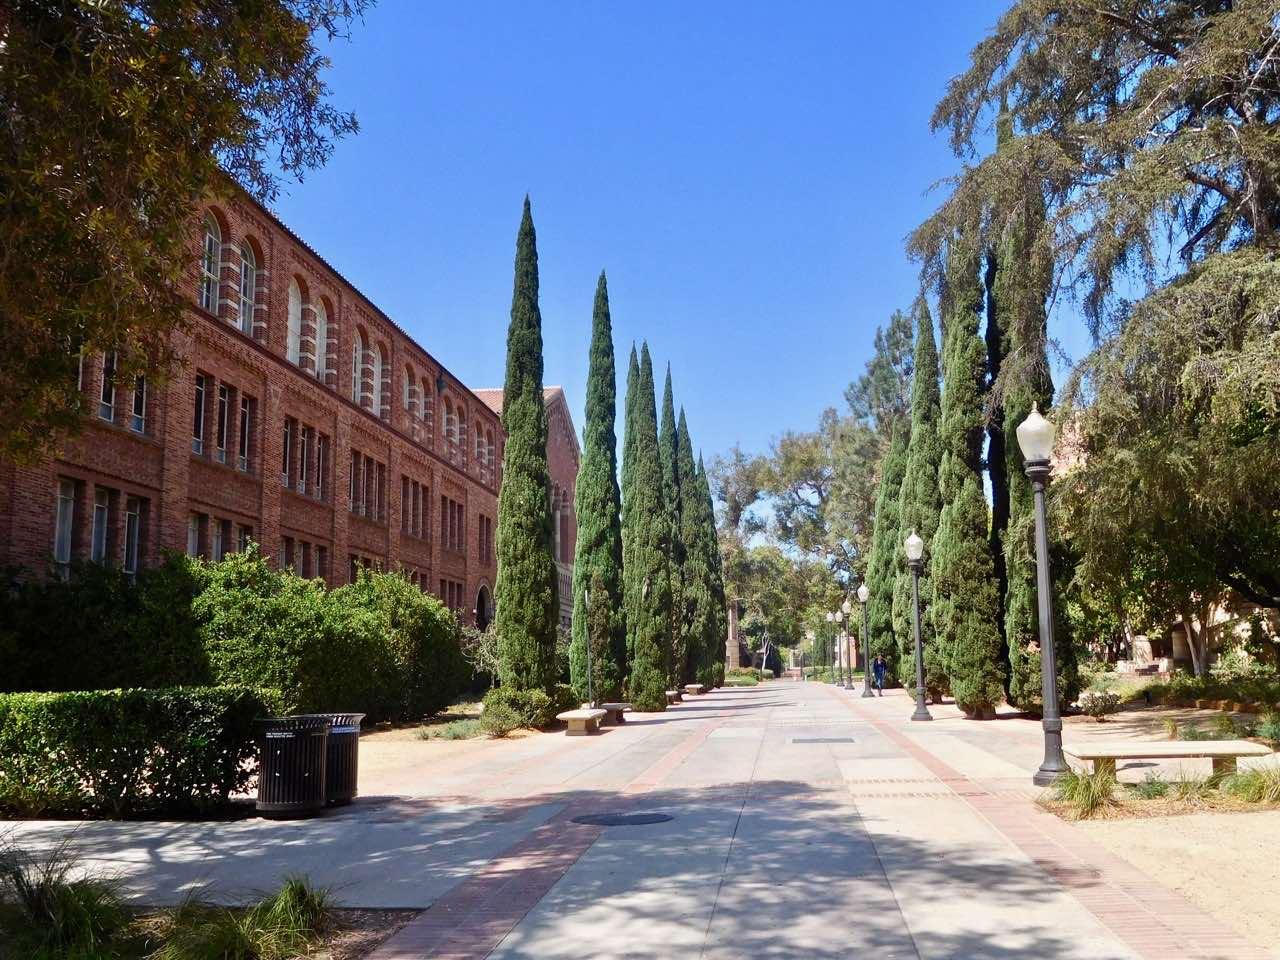 3 Days in L.A. - UCLA Campus (1)